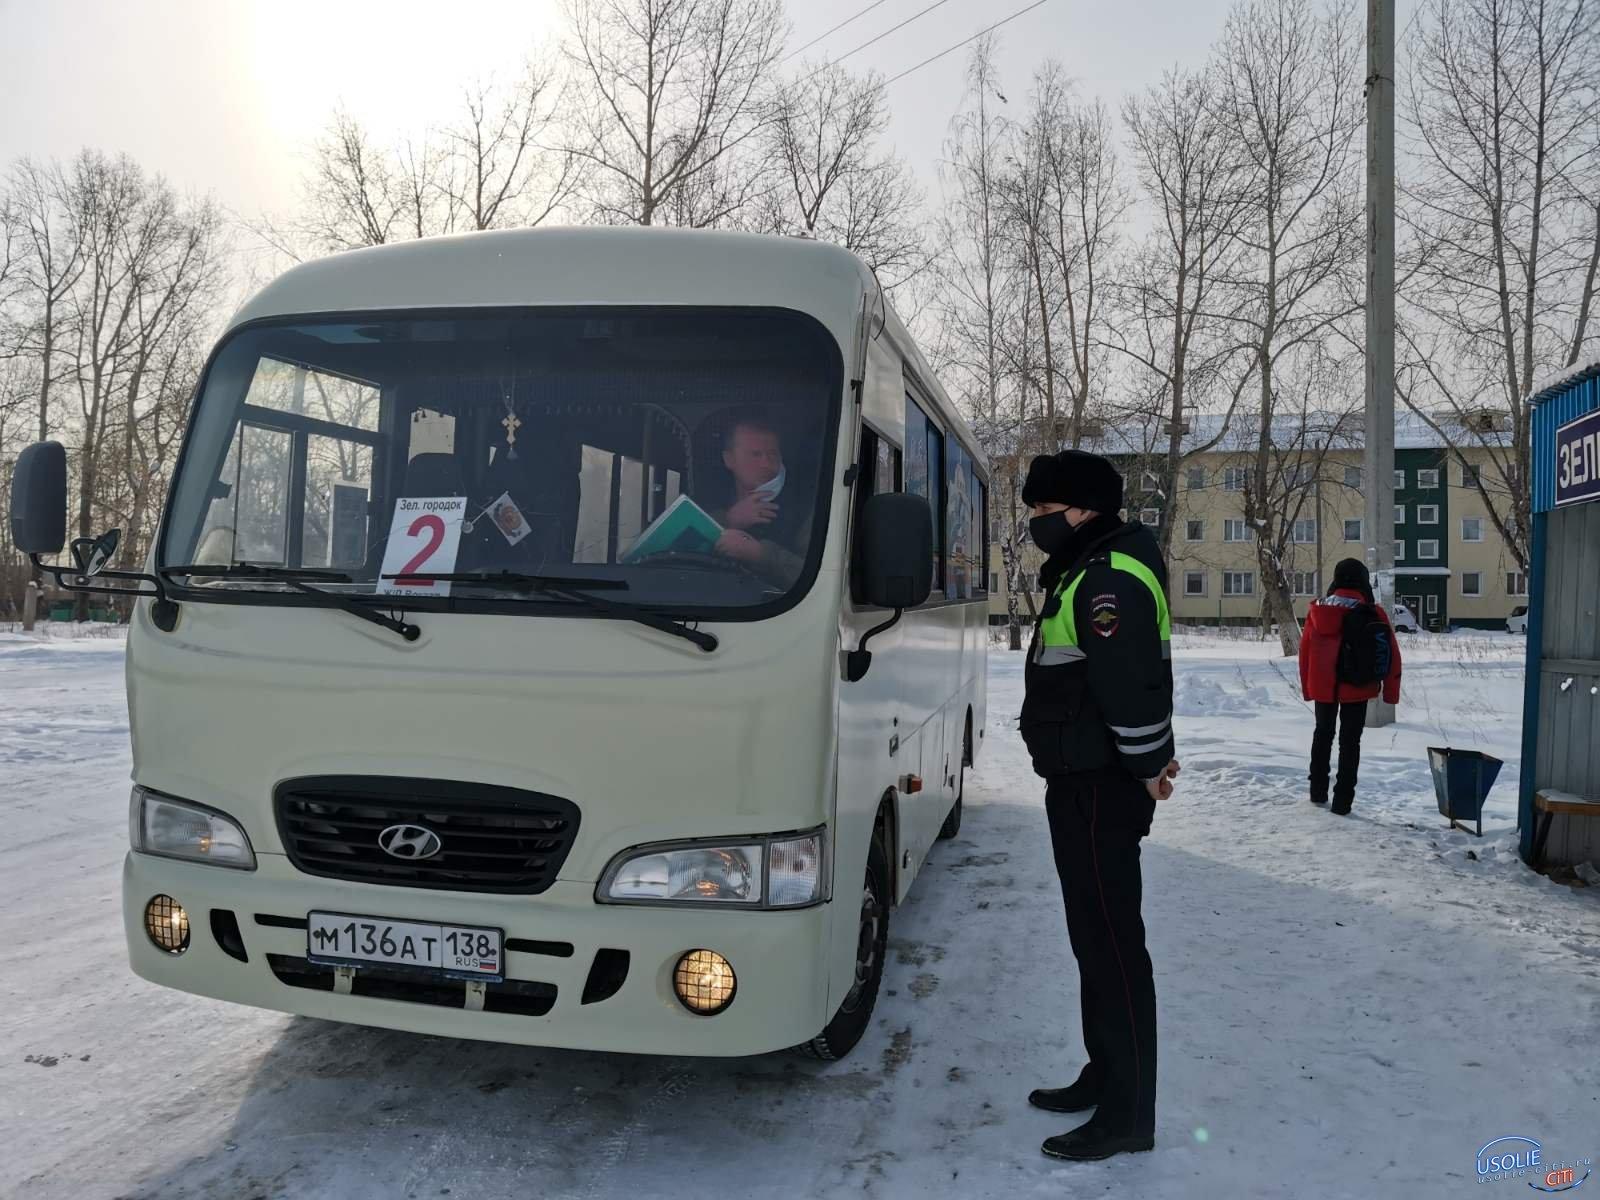 В Усолье выявлены пассажирские автобусы, не прошедшие техосмотр